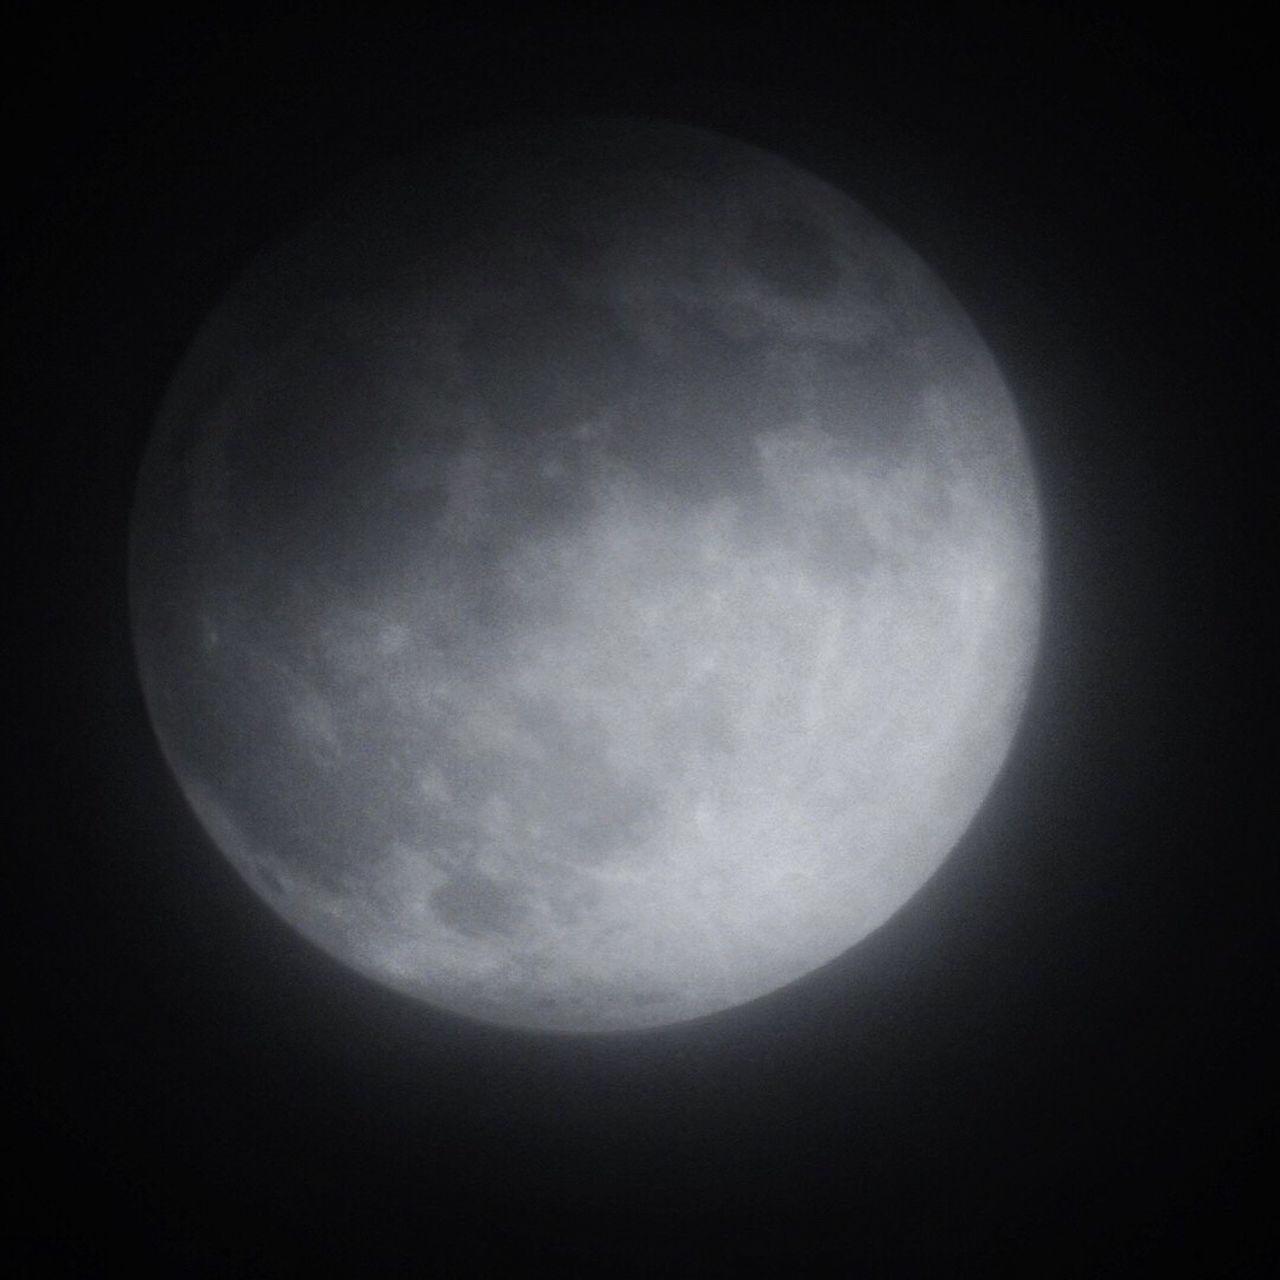 Moon Moon Eclipse Photorv